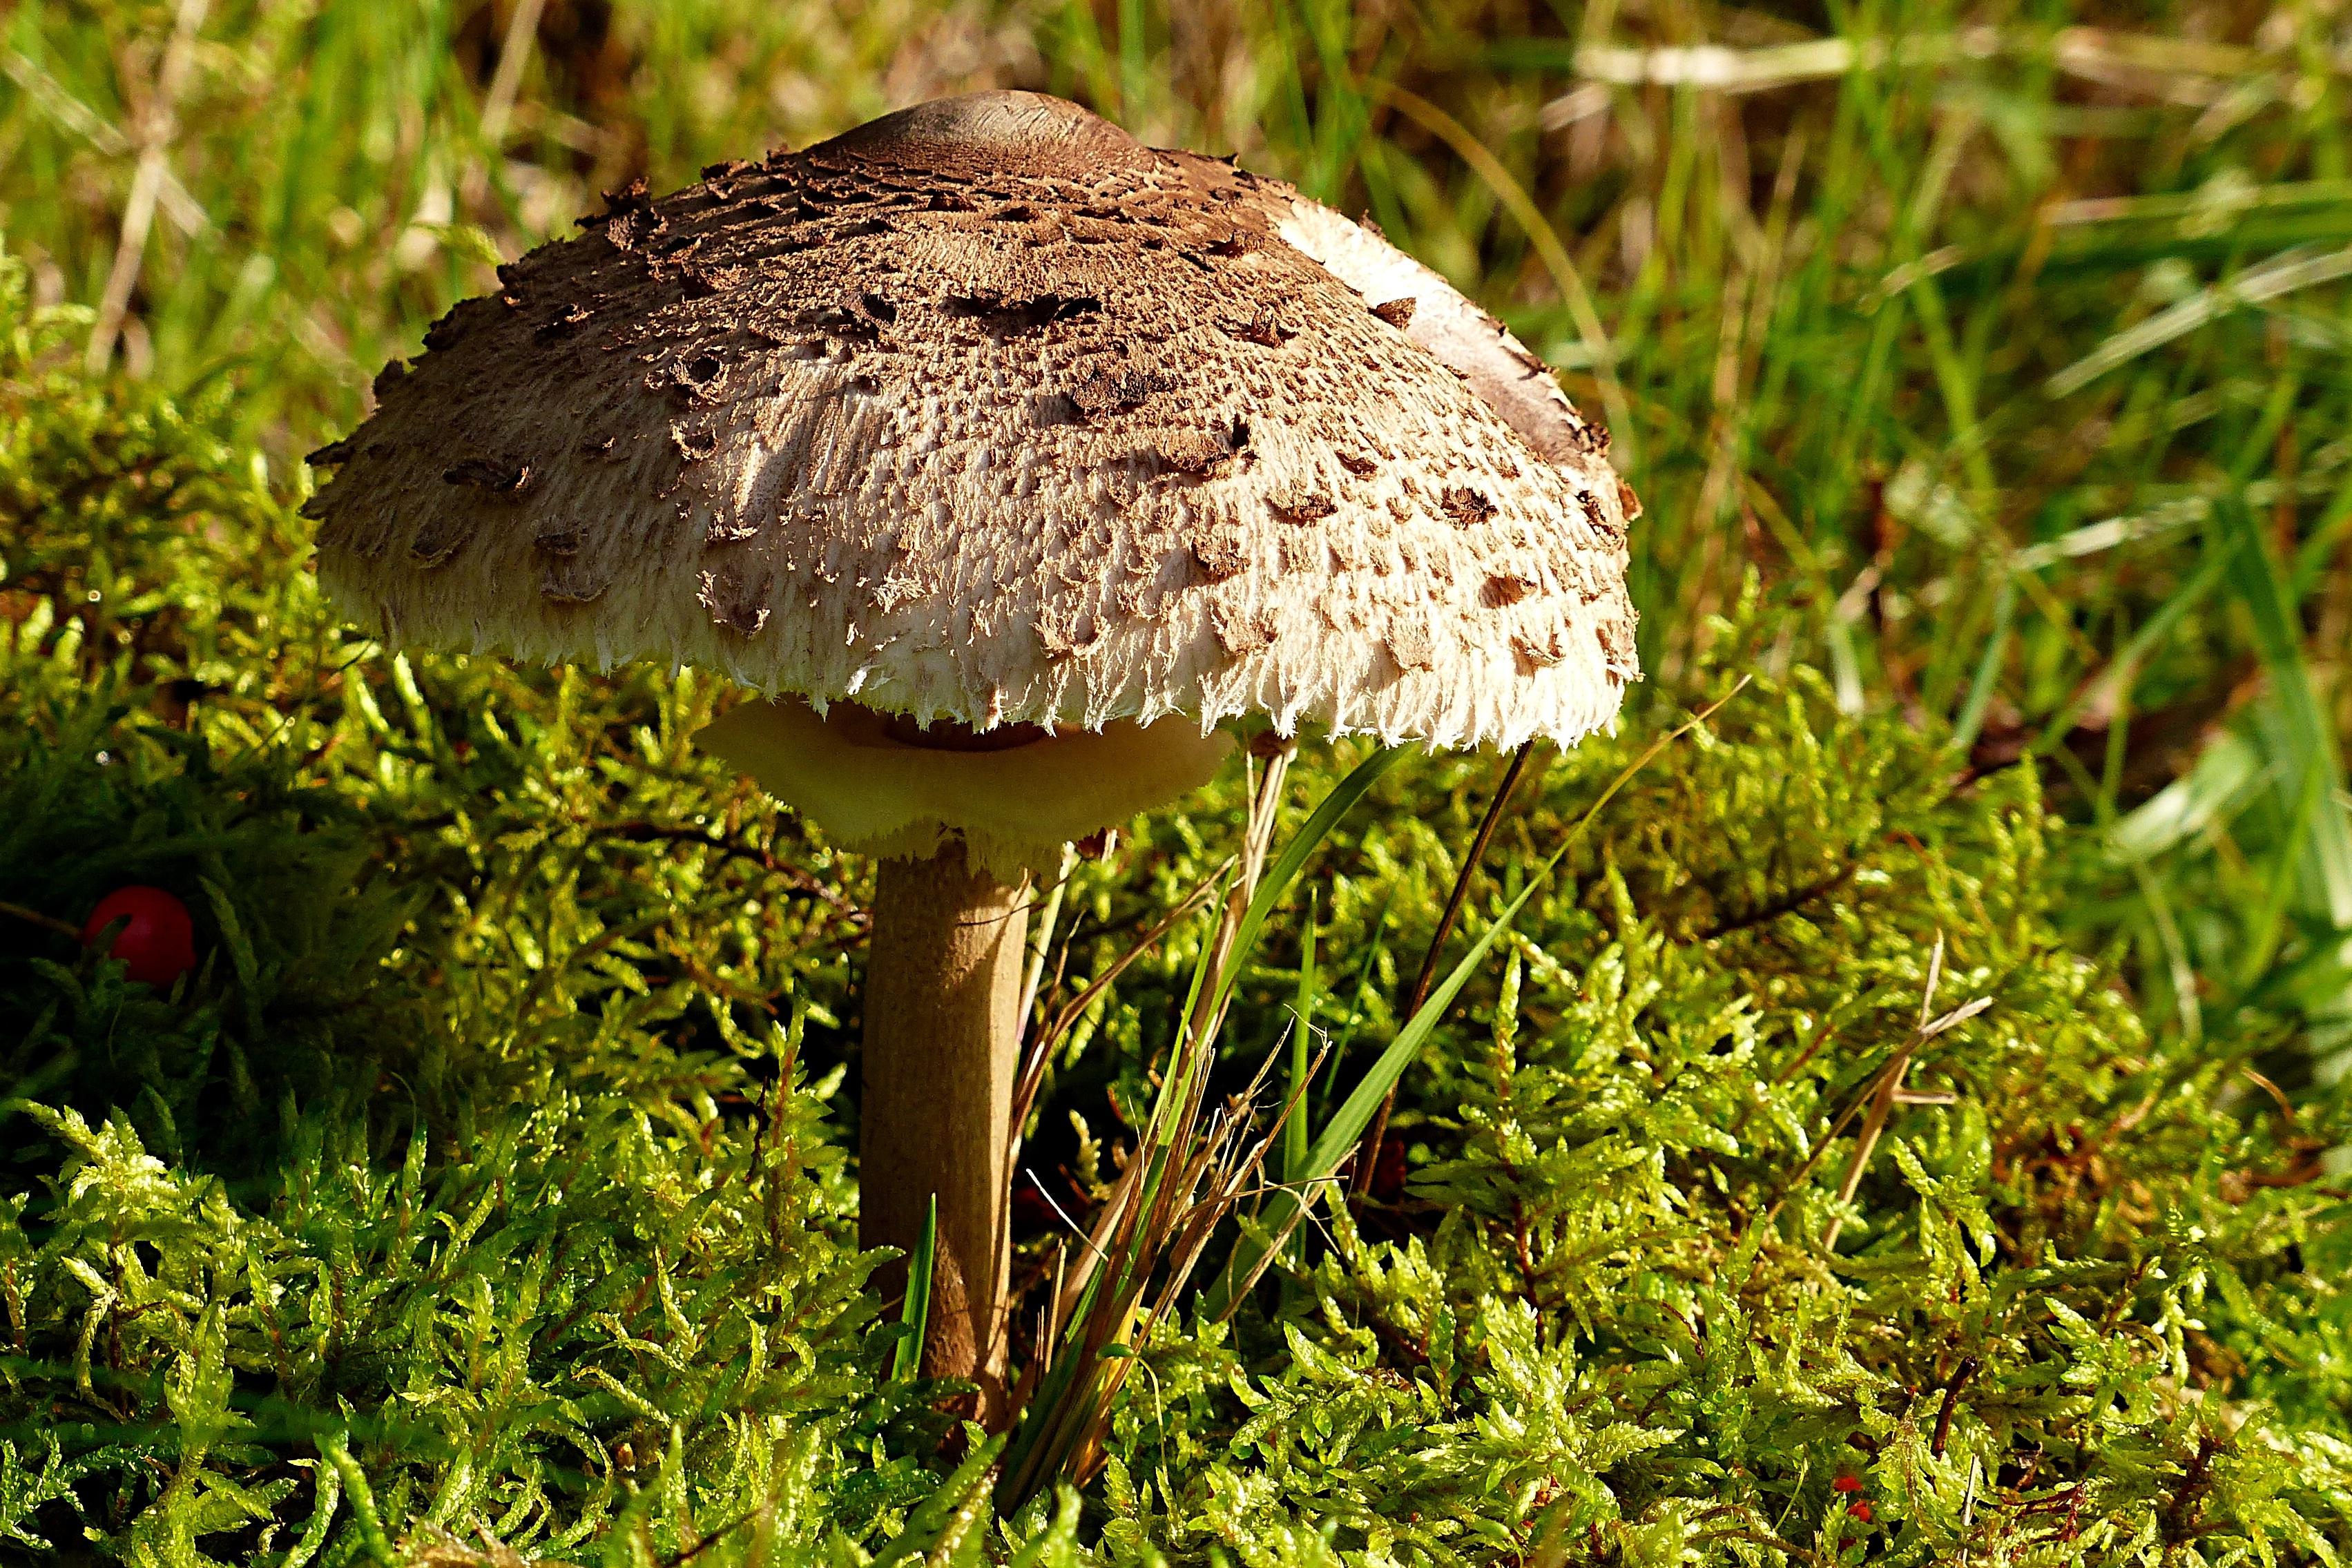 имеет грибы леса фото и названия каждого дресс-кода